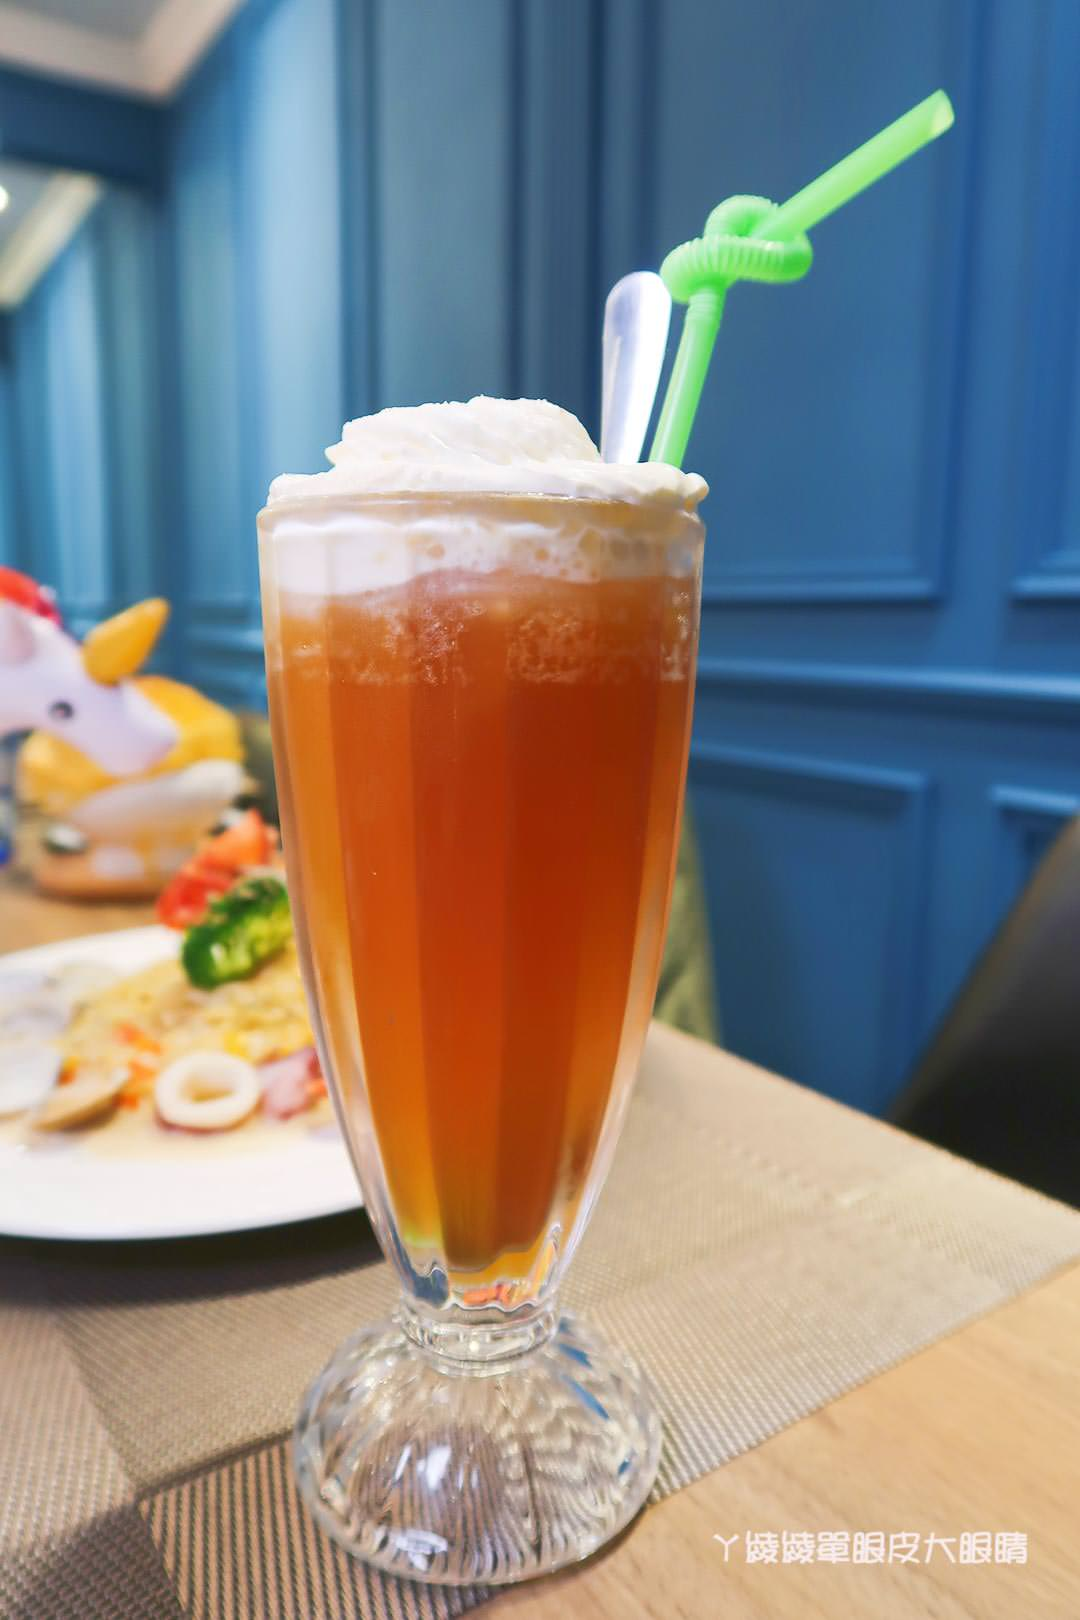 新竹美食餐廳推薦,大遠百附近《Only創意料理》龍蝦義大利麵超霸氣|噴發少女心的草莓日式可麗餅